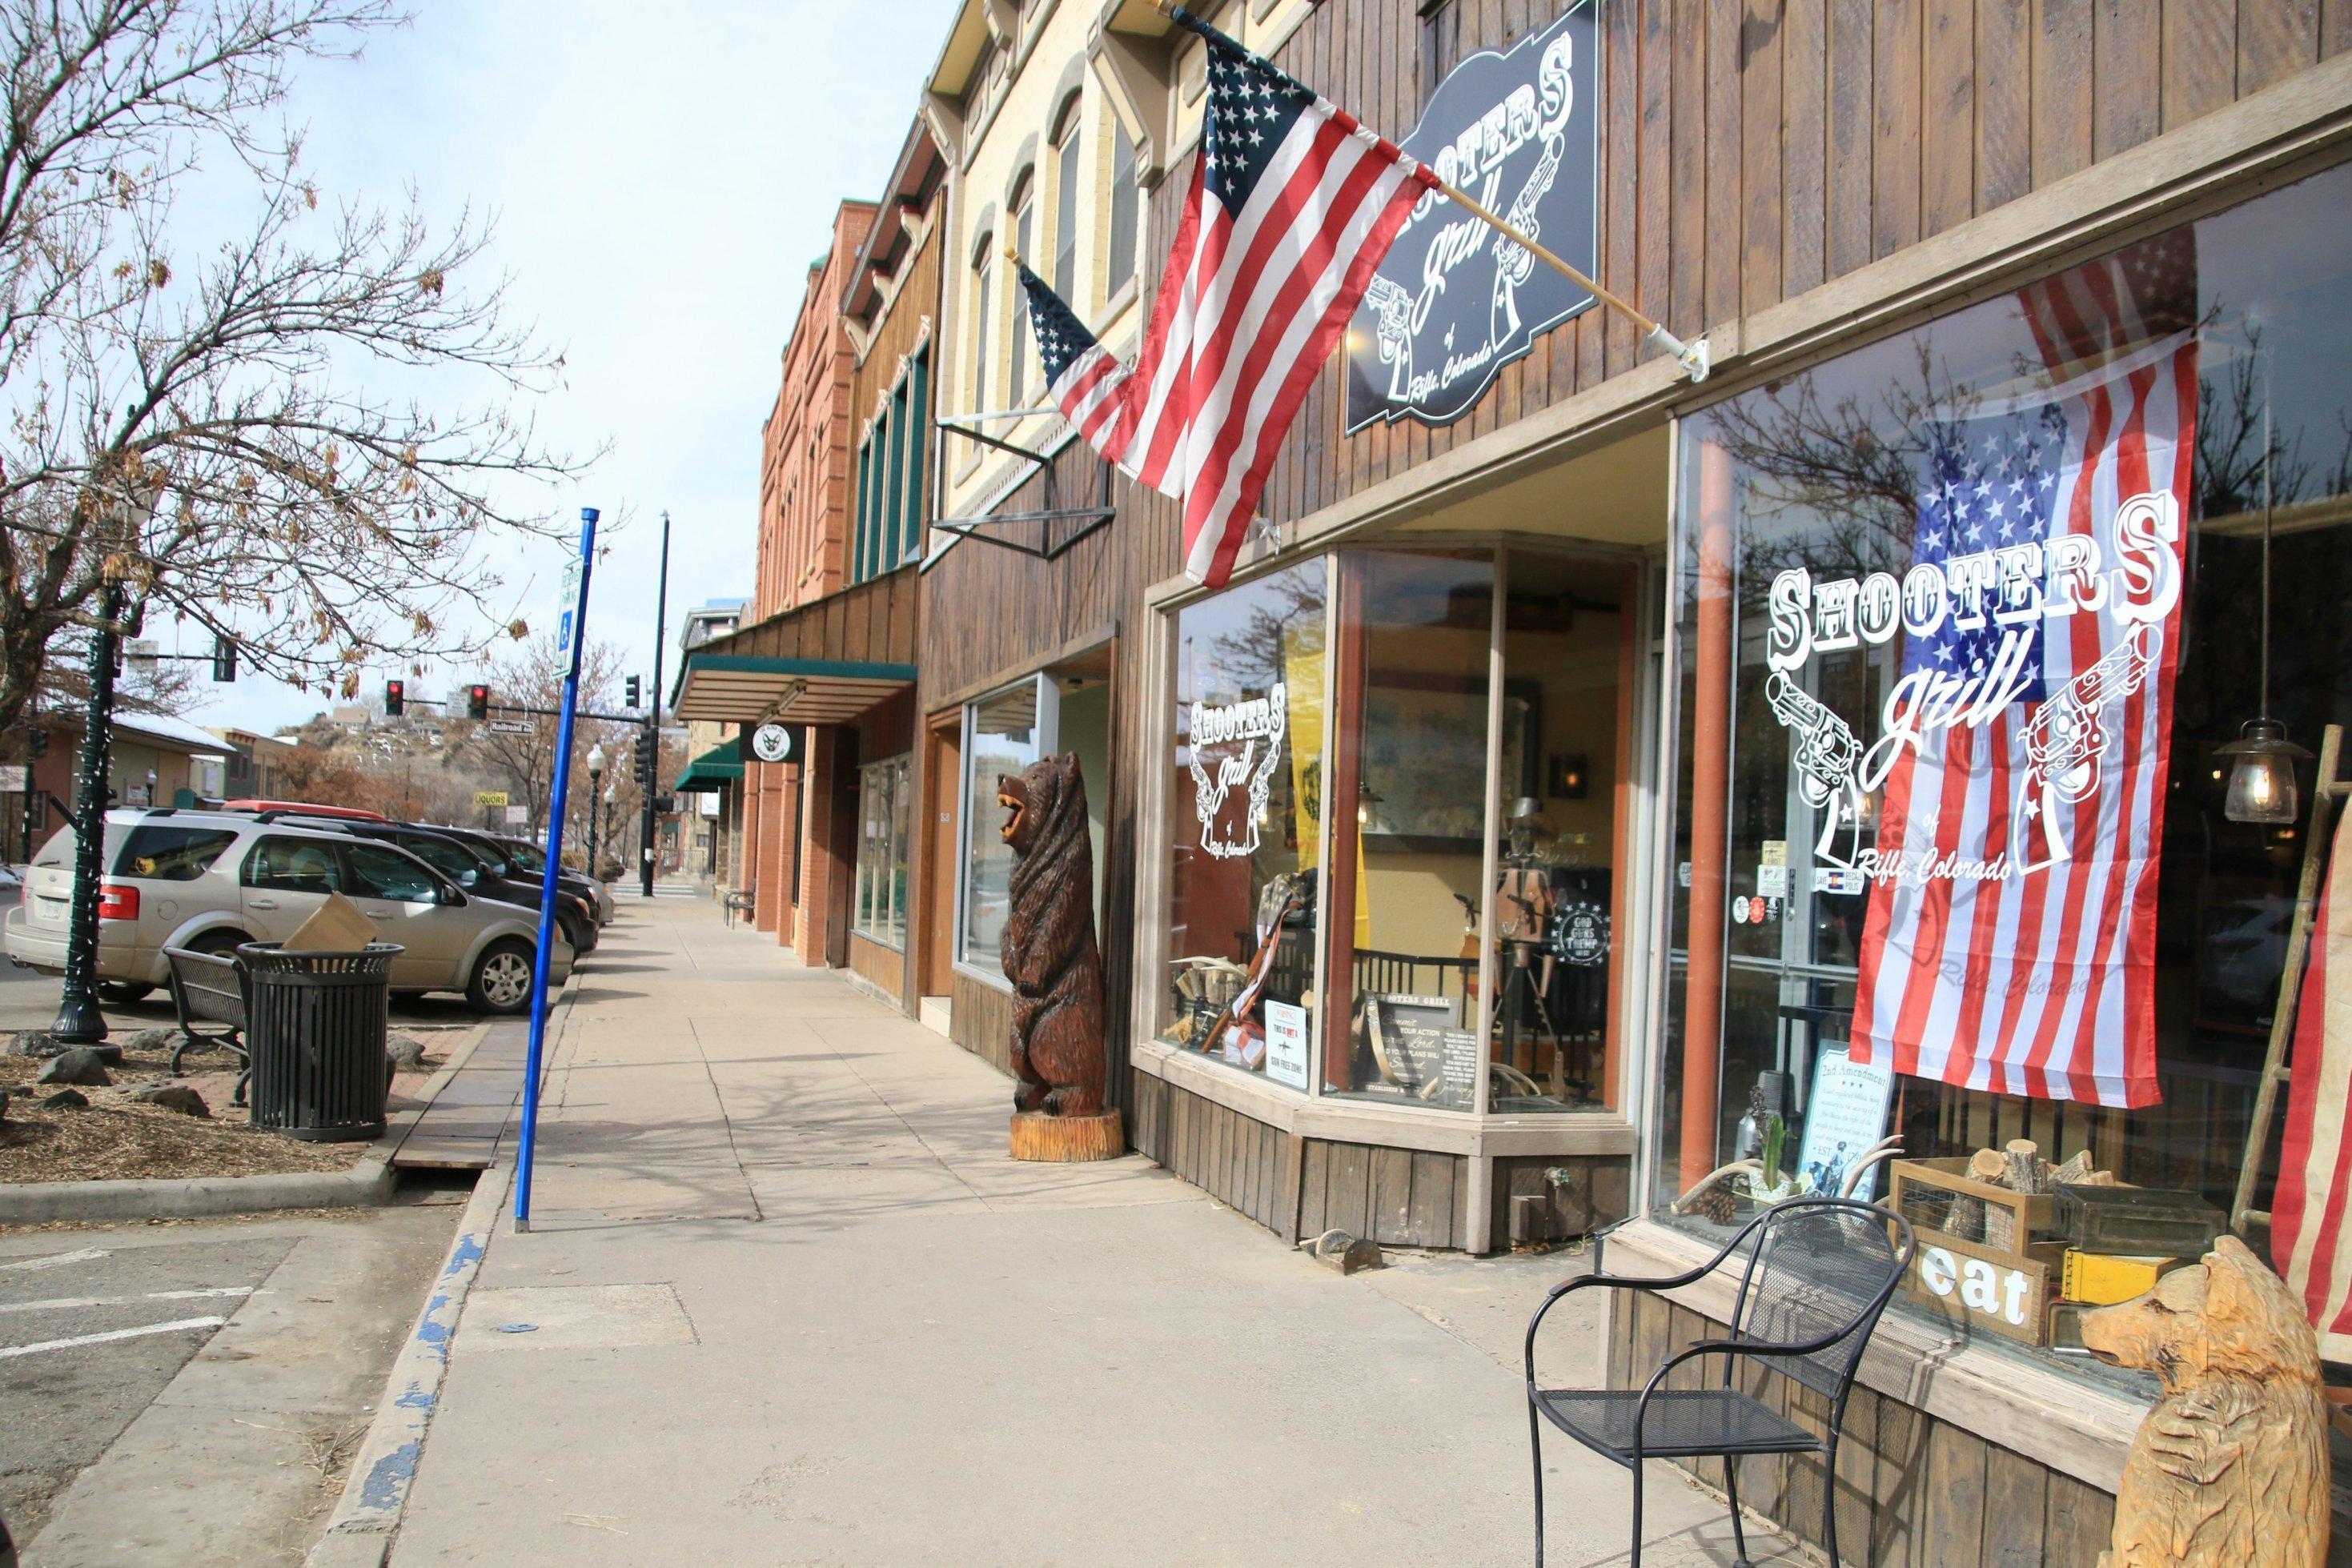 Ein Restaurant hat US-amerikanische Fahnen im Fenster und am Giebel hängen.